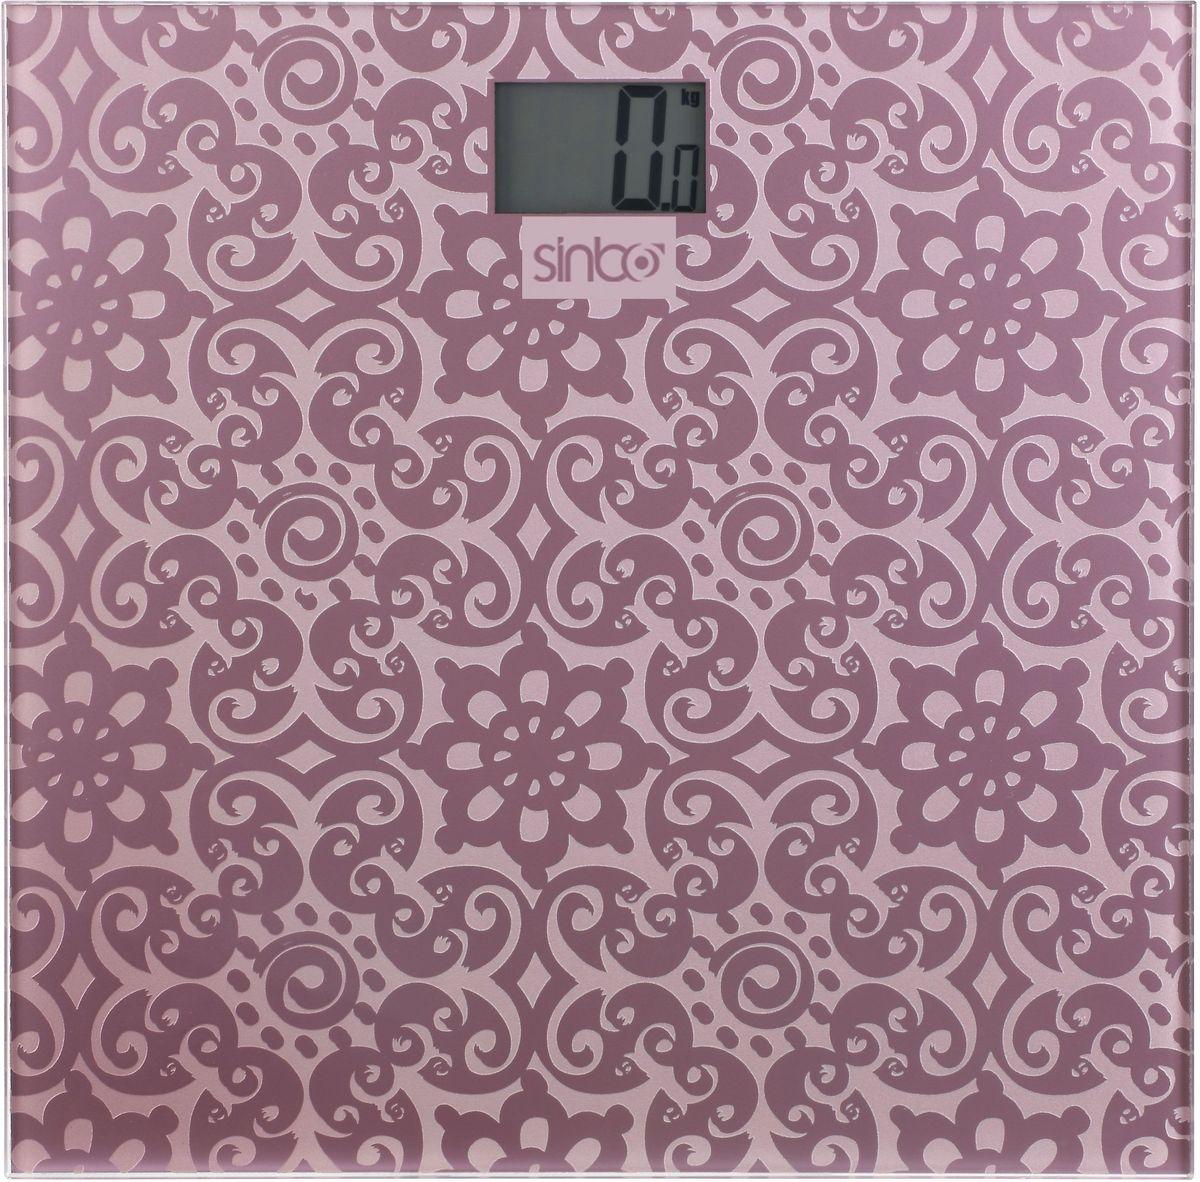 Sinbo SBS 4430, Purple весы напольныеSBS 4430Напольные электронные весы Sinbo SBS 4430. Удобны для ежедневного контроля веса. Обладают высокой точностью измерения веса. Имеют устойчивую и особо прочную стеклянную платформу, что позволяет выдерживать большую нагрузку.